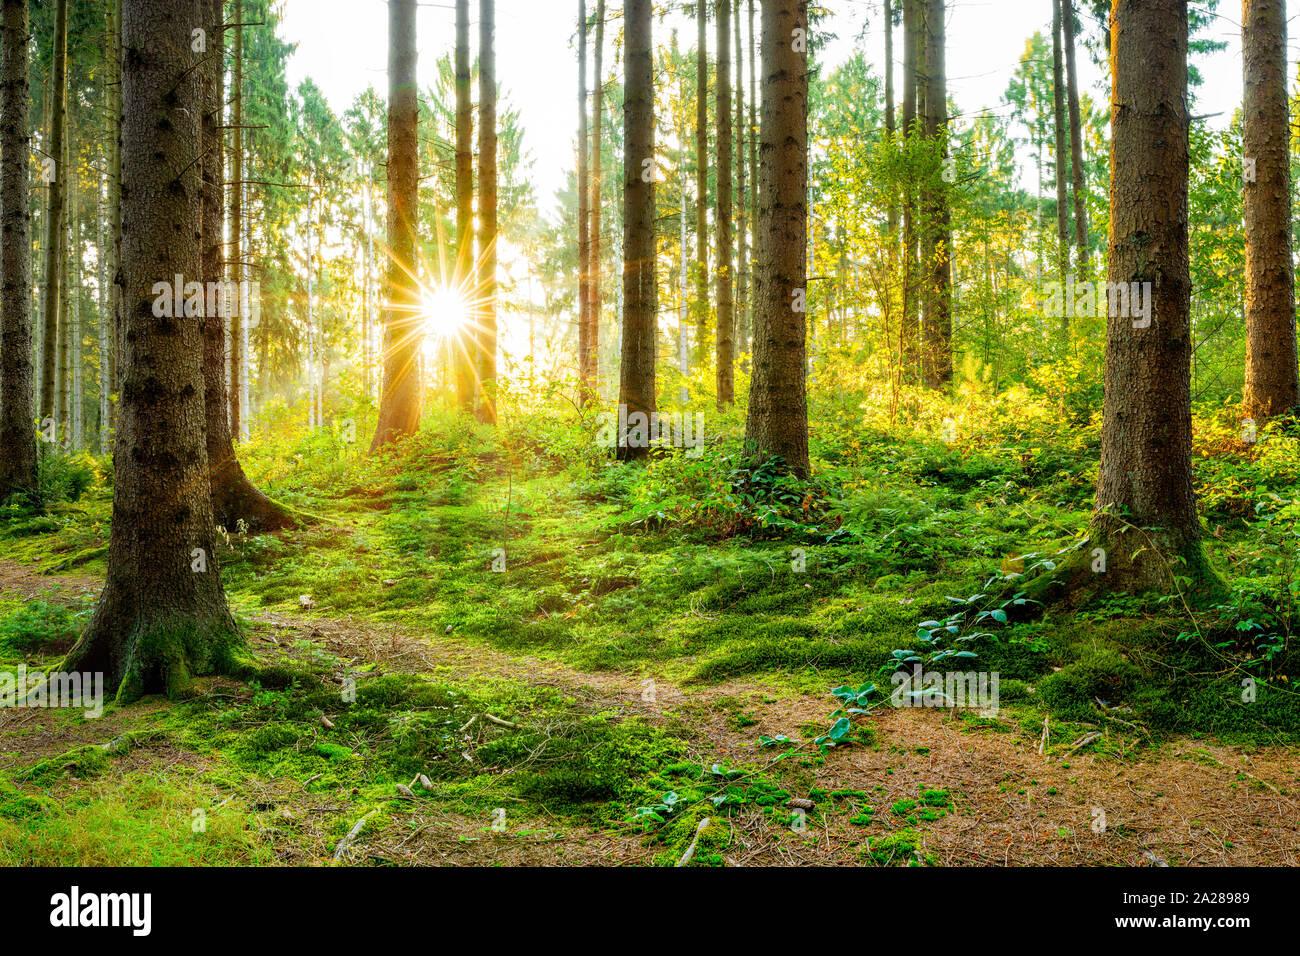 Hermoso bosque en primavera con la brillante luz del sol brillando a través de los árboles Foto de stock